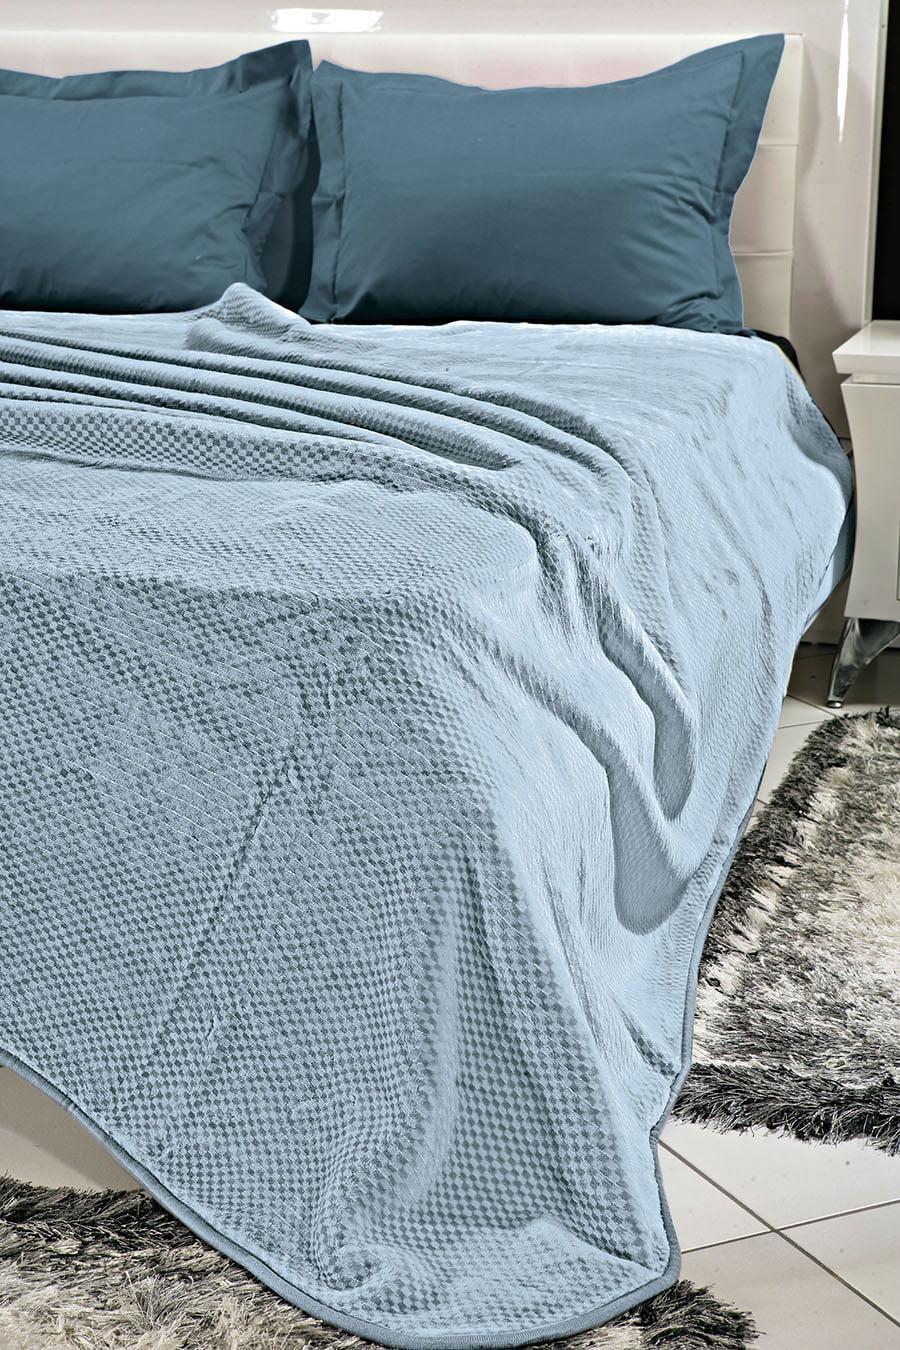 Κουβέρτα μονόχρωμη υπέρδιπλη Art 1060 σε 4 αποχρώσεις 220×240 Midnight Beauty Home